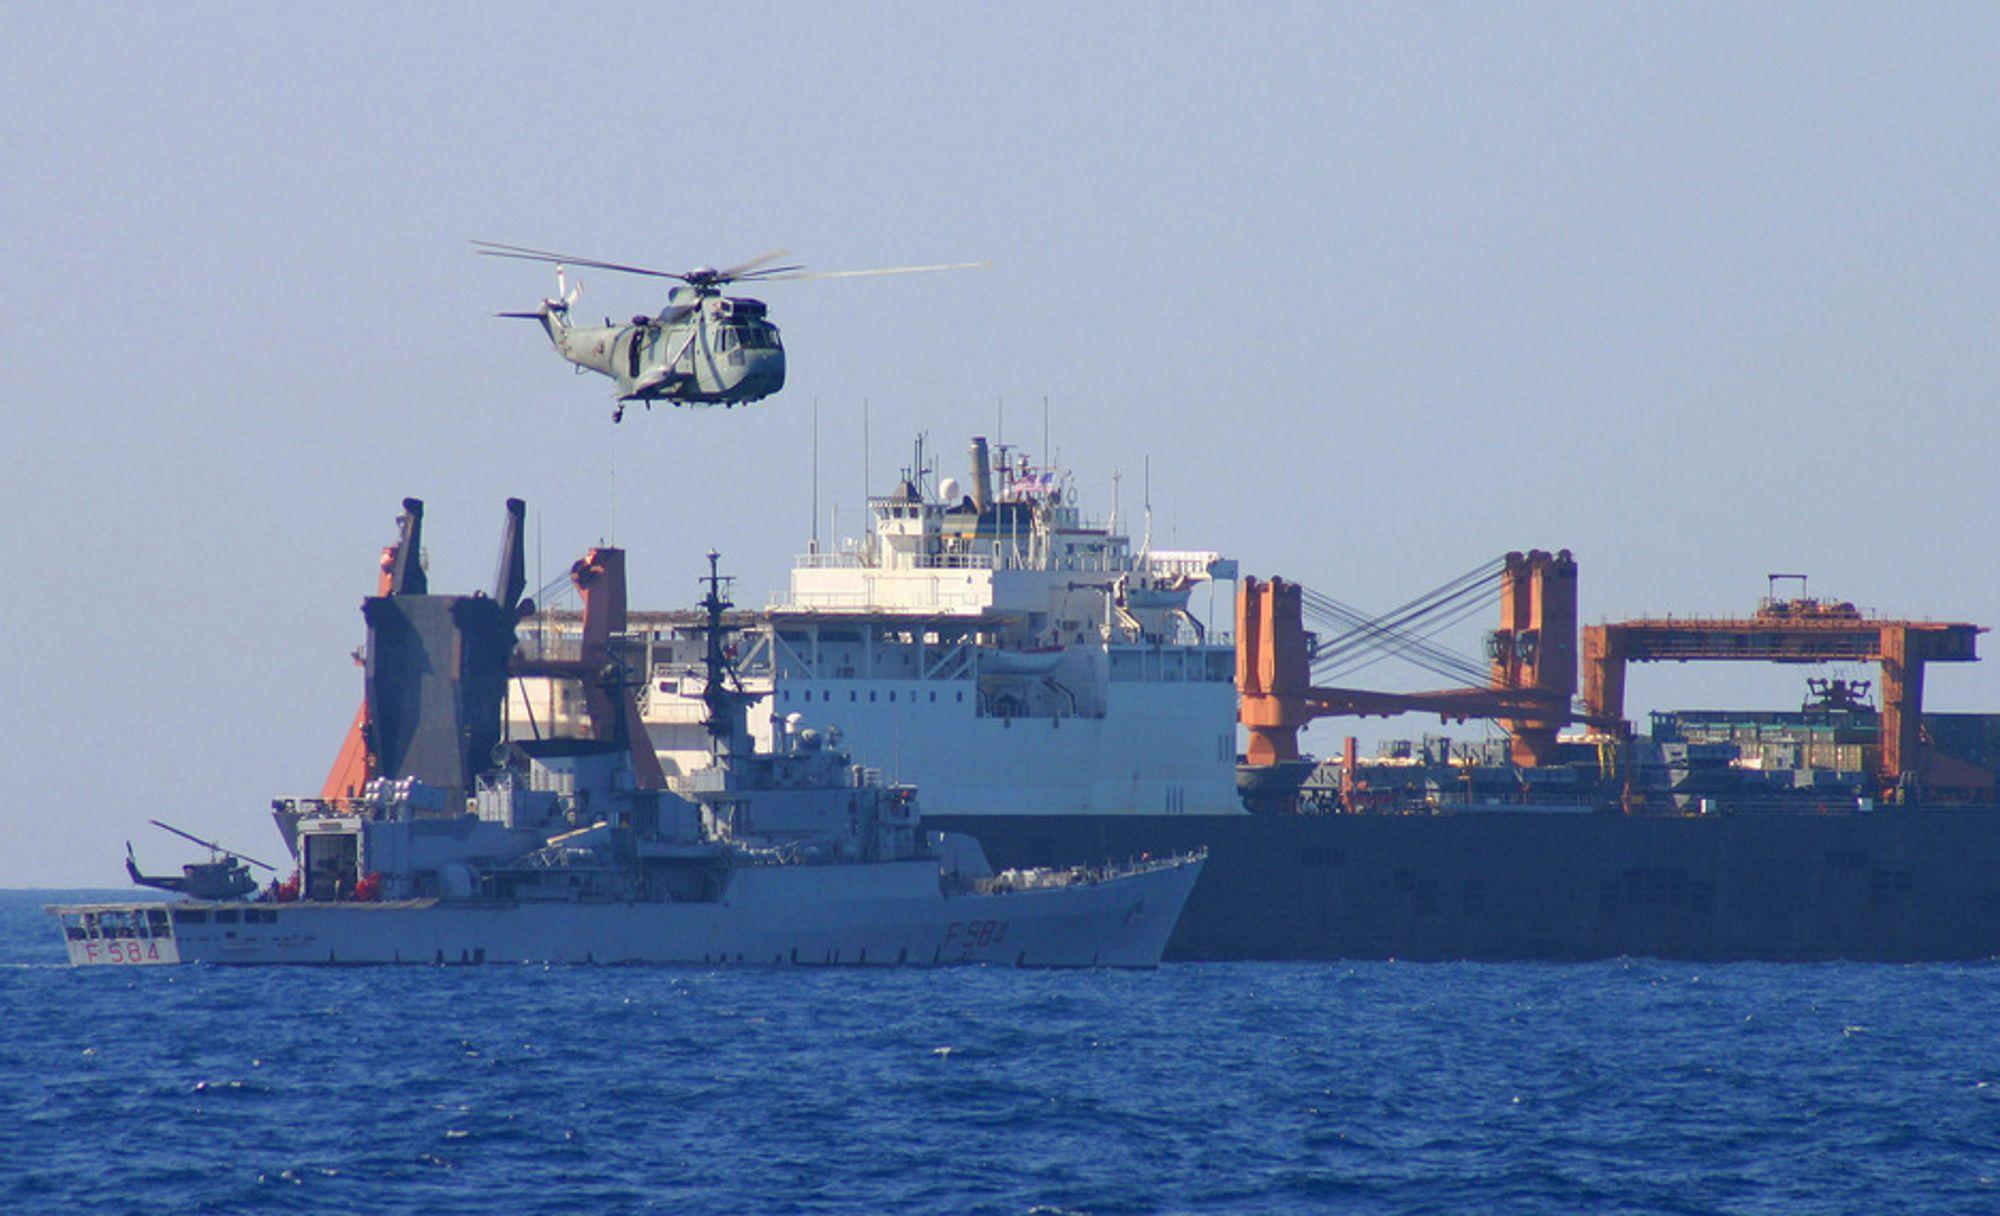 """ØVELSE: """"Kapret skip frigjøres"""". Bildet viser en italiensk fregatt og et  helikopter under en øvelse i frigjøring av et kapret skip."""